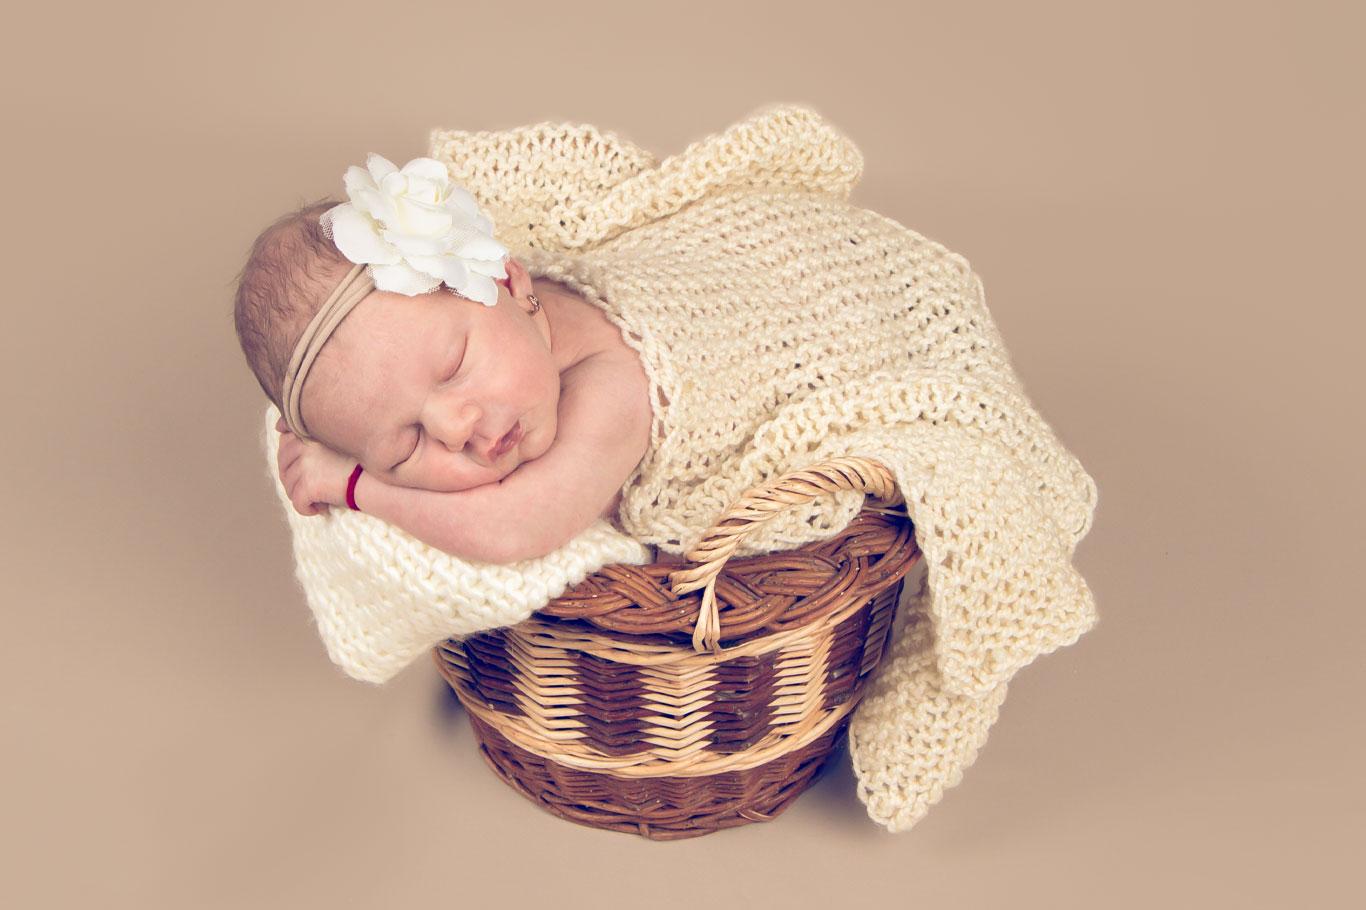 novorođena beba sa belim cvetom u kosi spava u pletenoj korpici